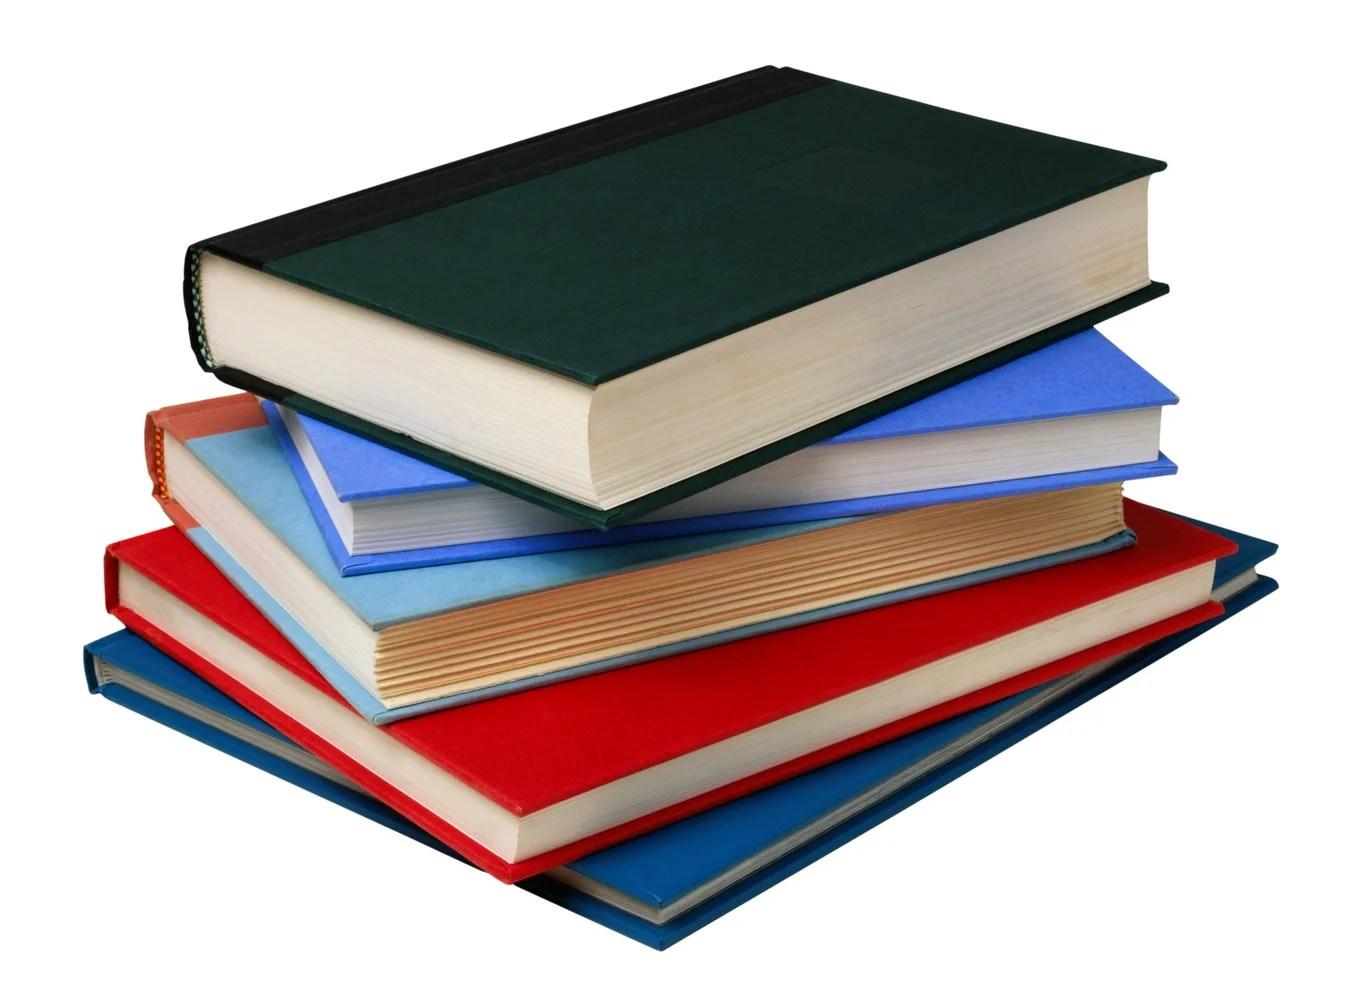 Unread Books At Home Still Spark Literacy Habits Scientific American